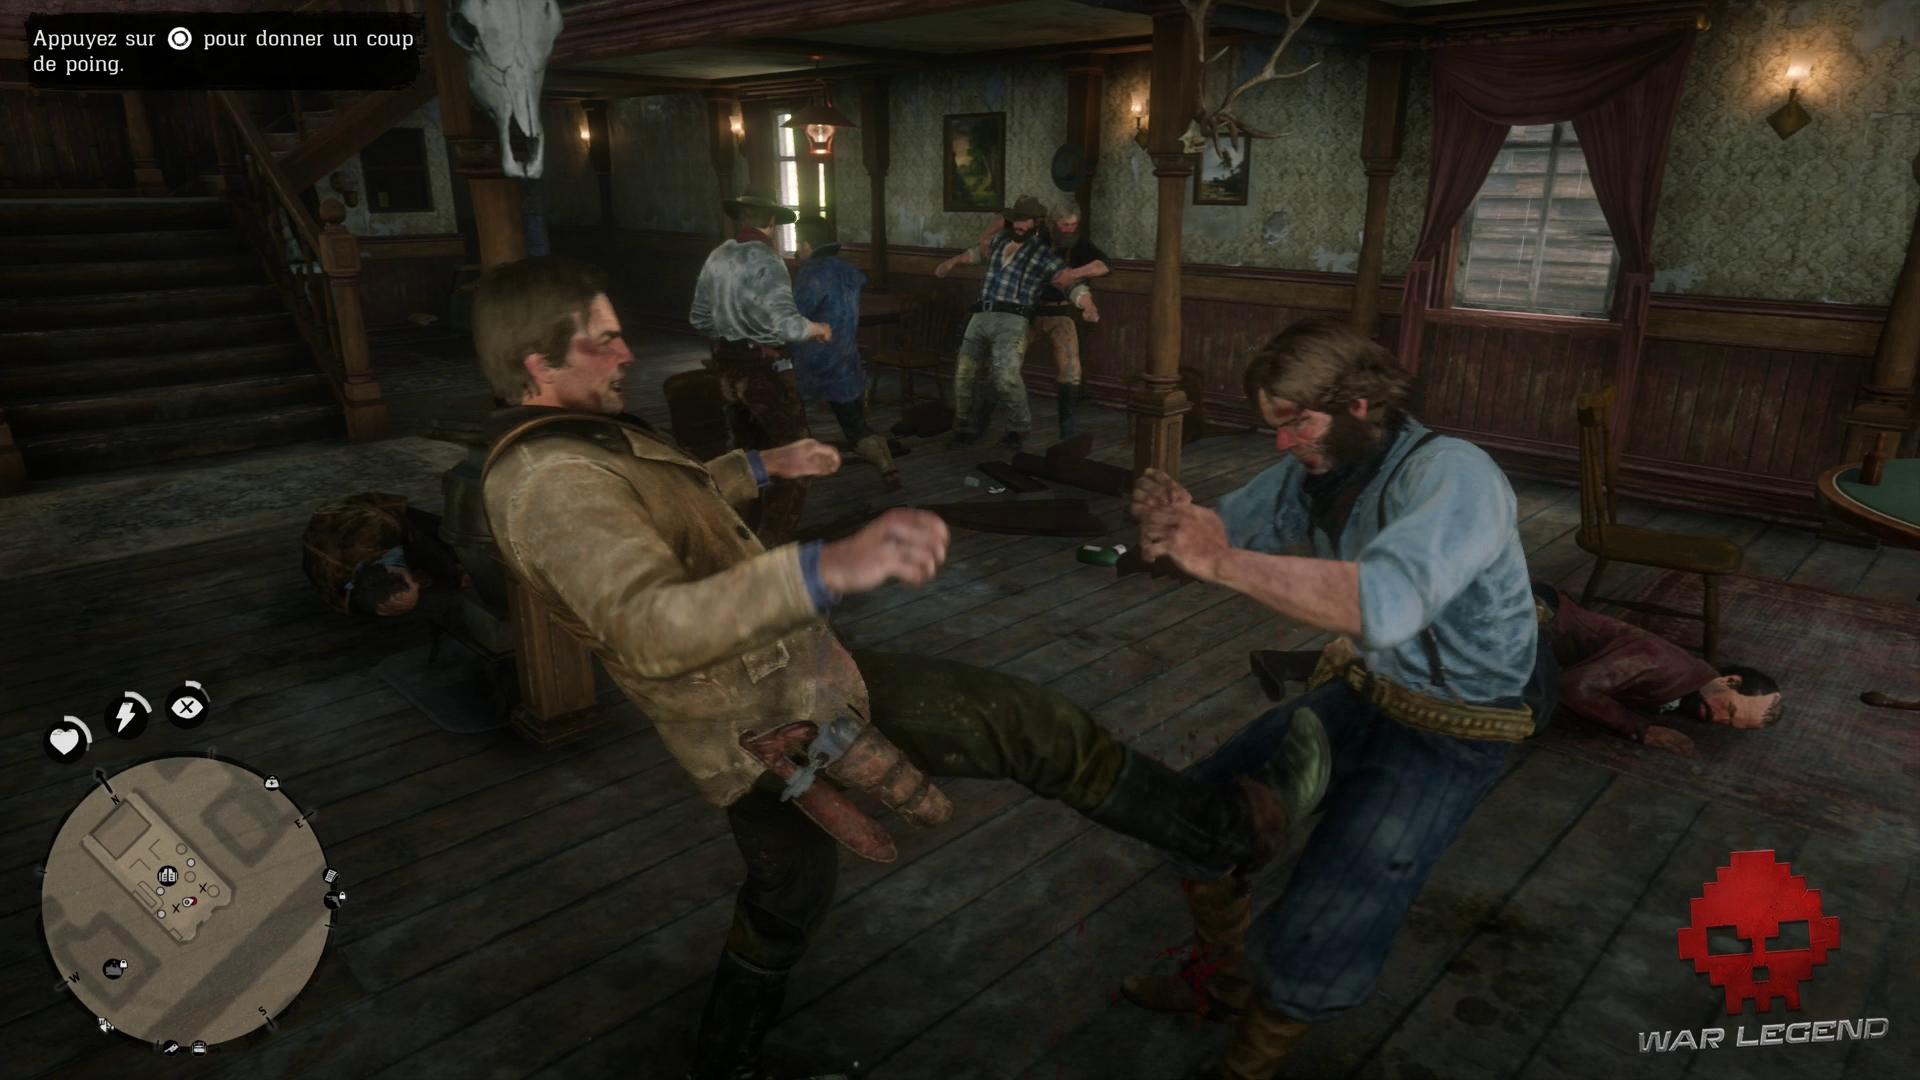 Soluce Red Dead Redemption 2 - Repos à l'américaine Arthur donne un coup de pied